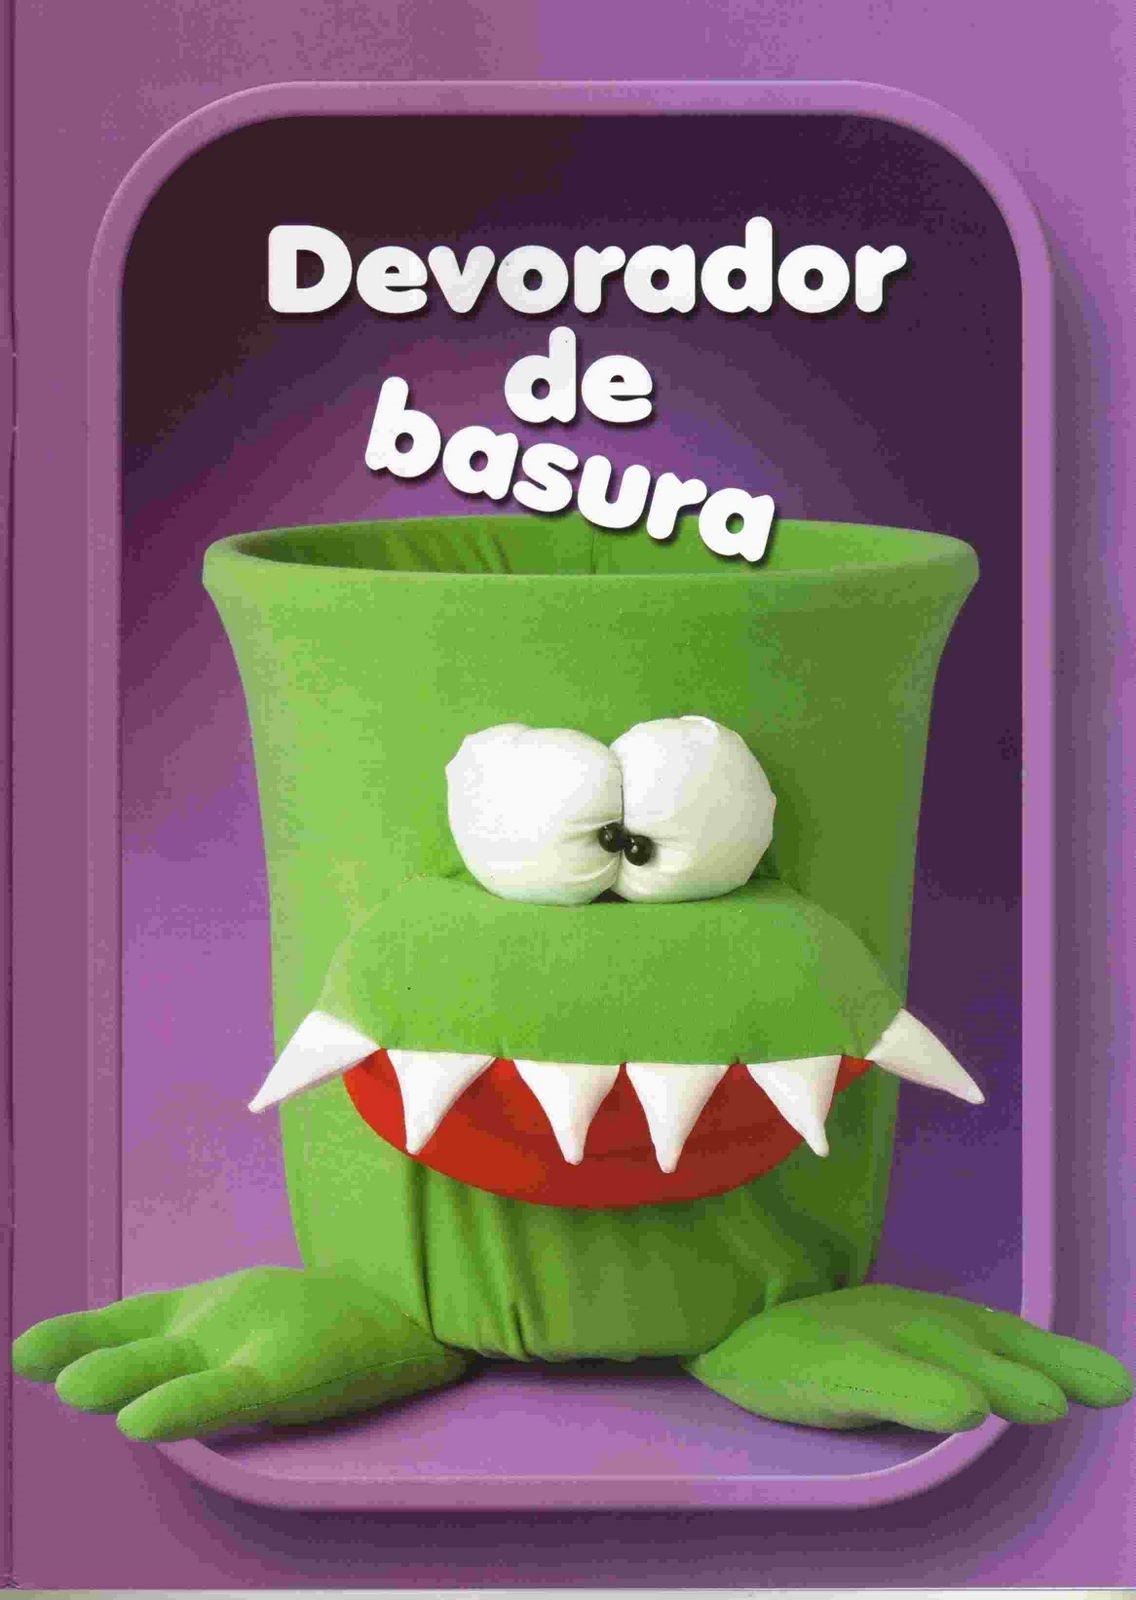 Mu ecos y juguetes de tela un devorador de basura una - Telas con dibujos infantiles ...